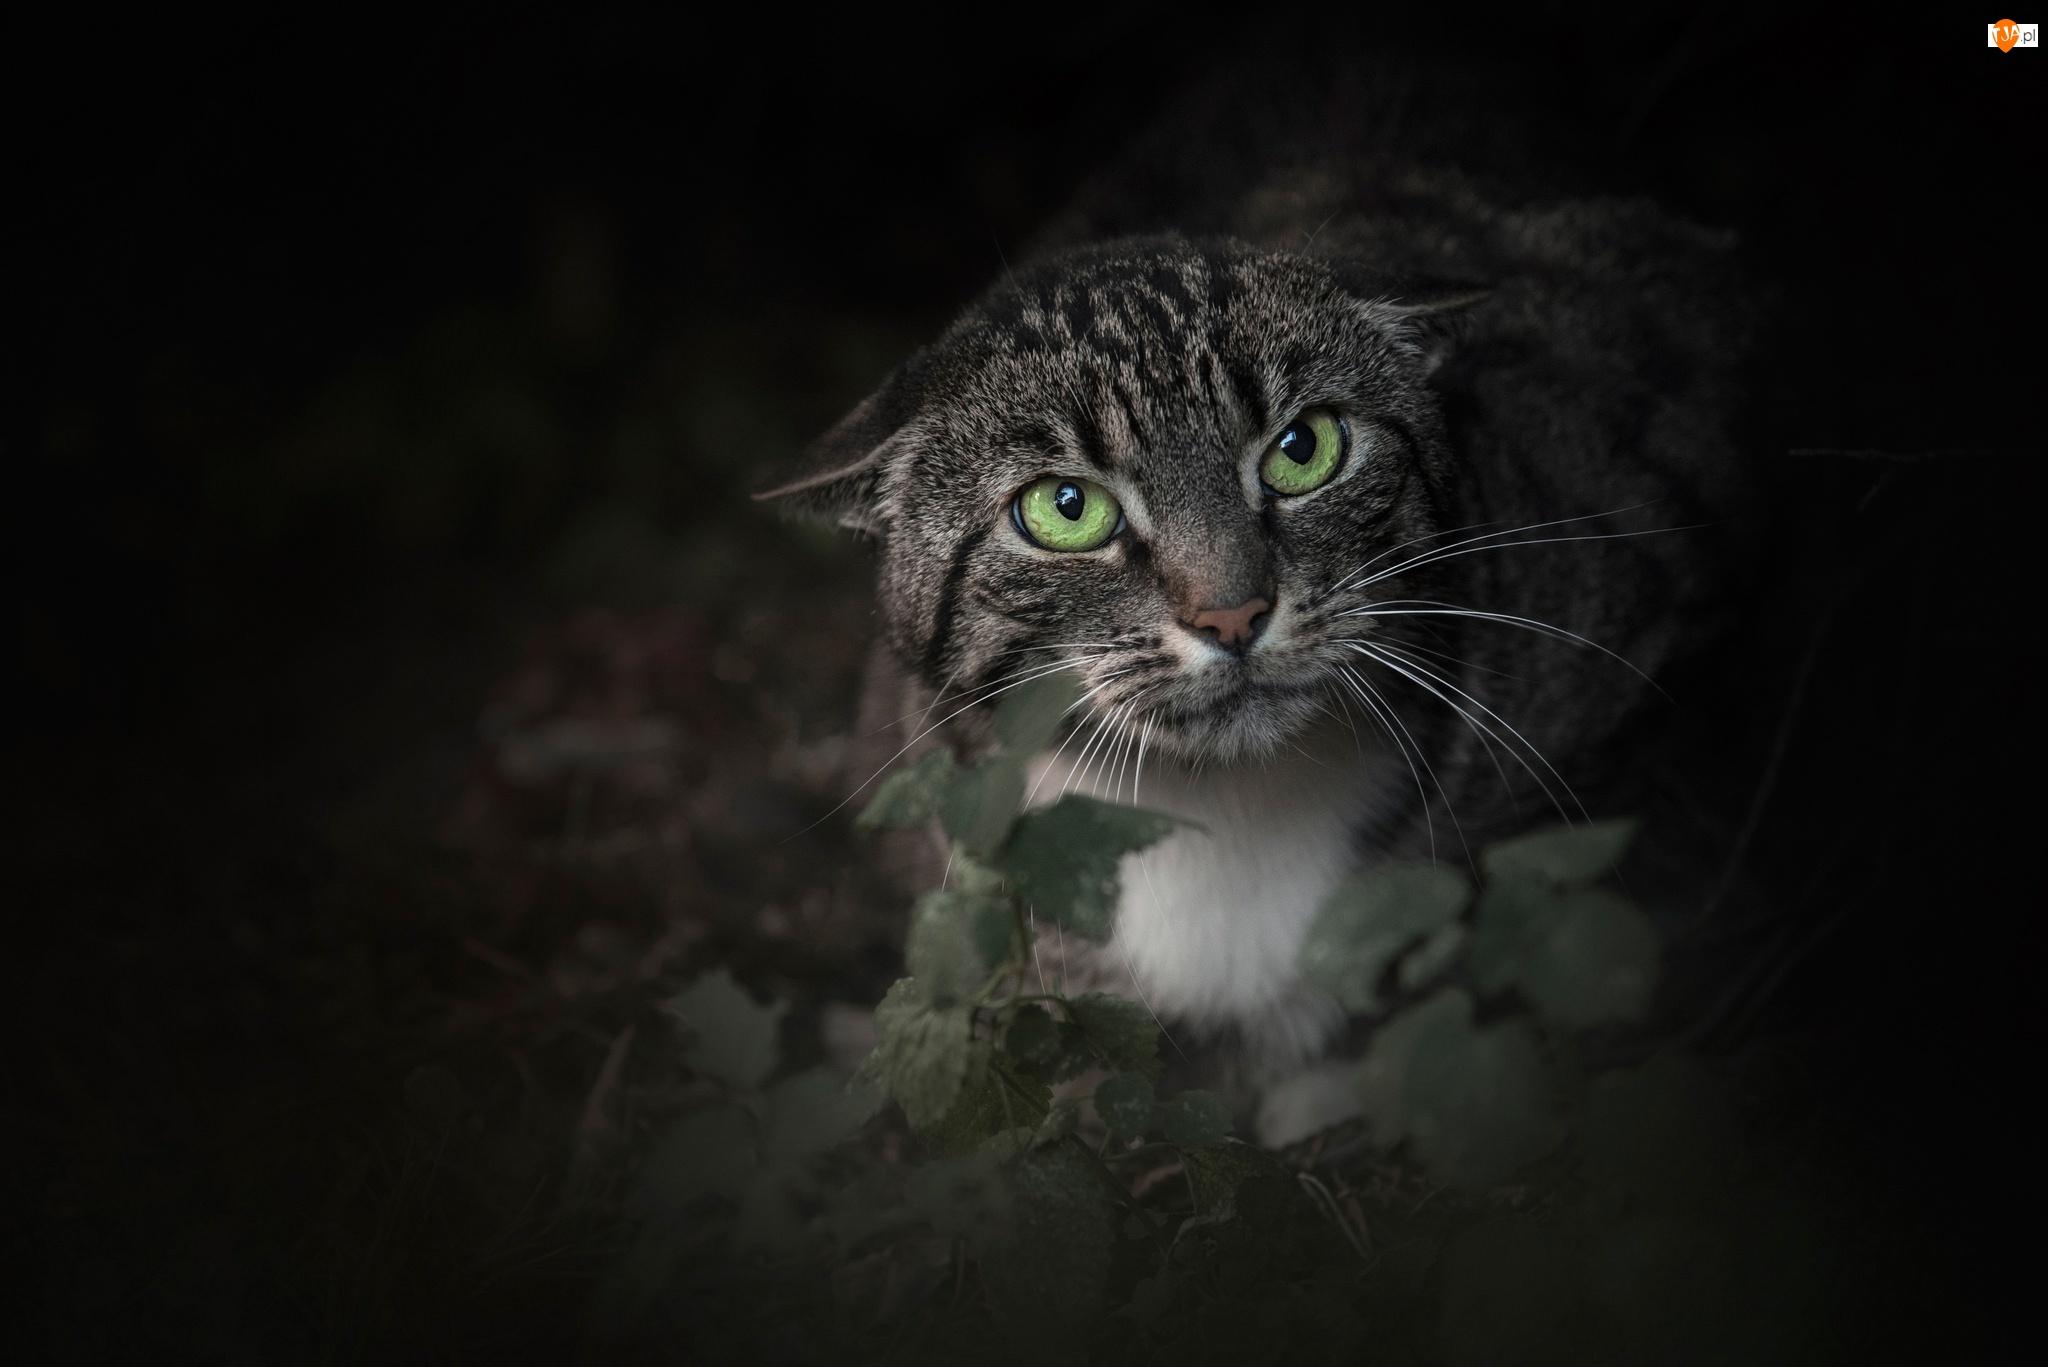 Zły, Złość, Kot, Oczy, Bury, Zielone